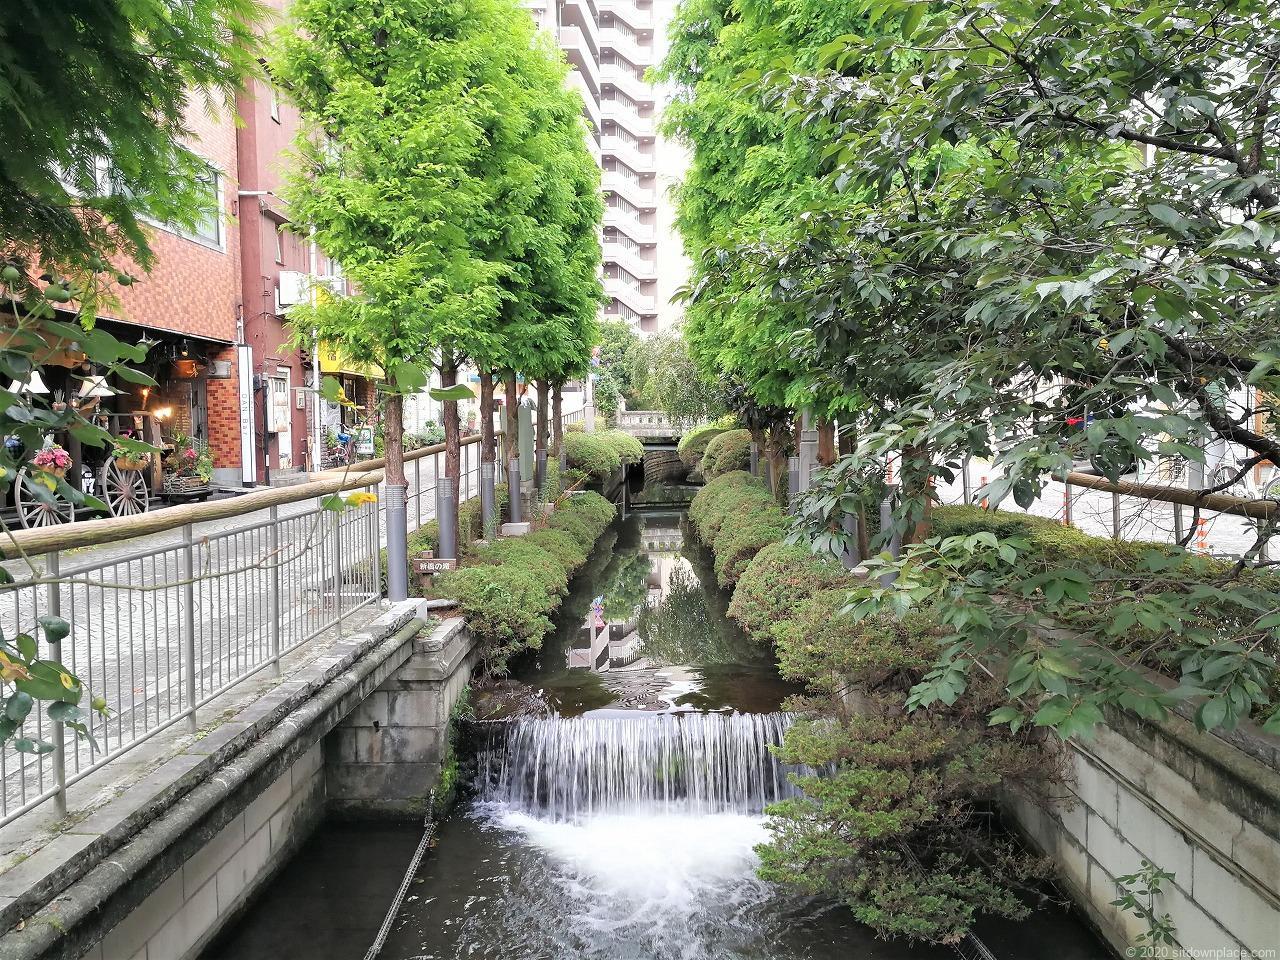 東武宇都宮駅 釜川プロムナード ロマンチックドームの川の景色2